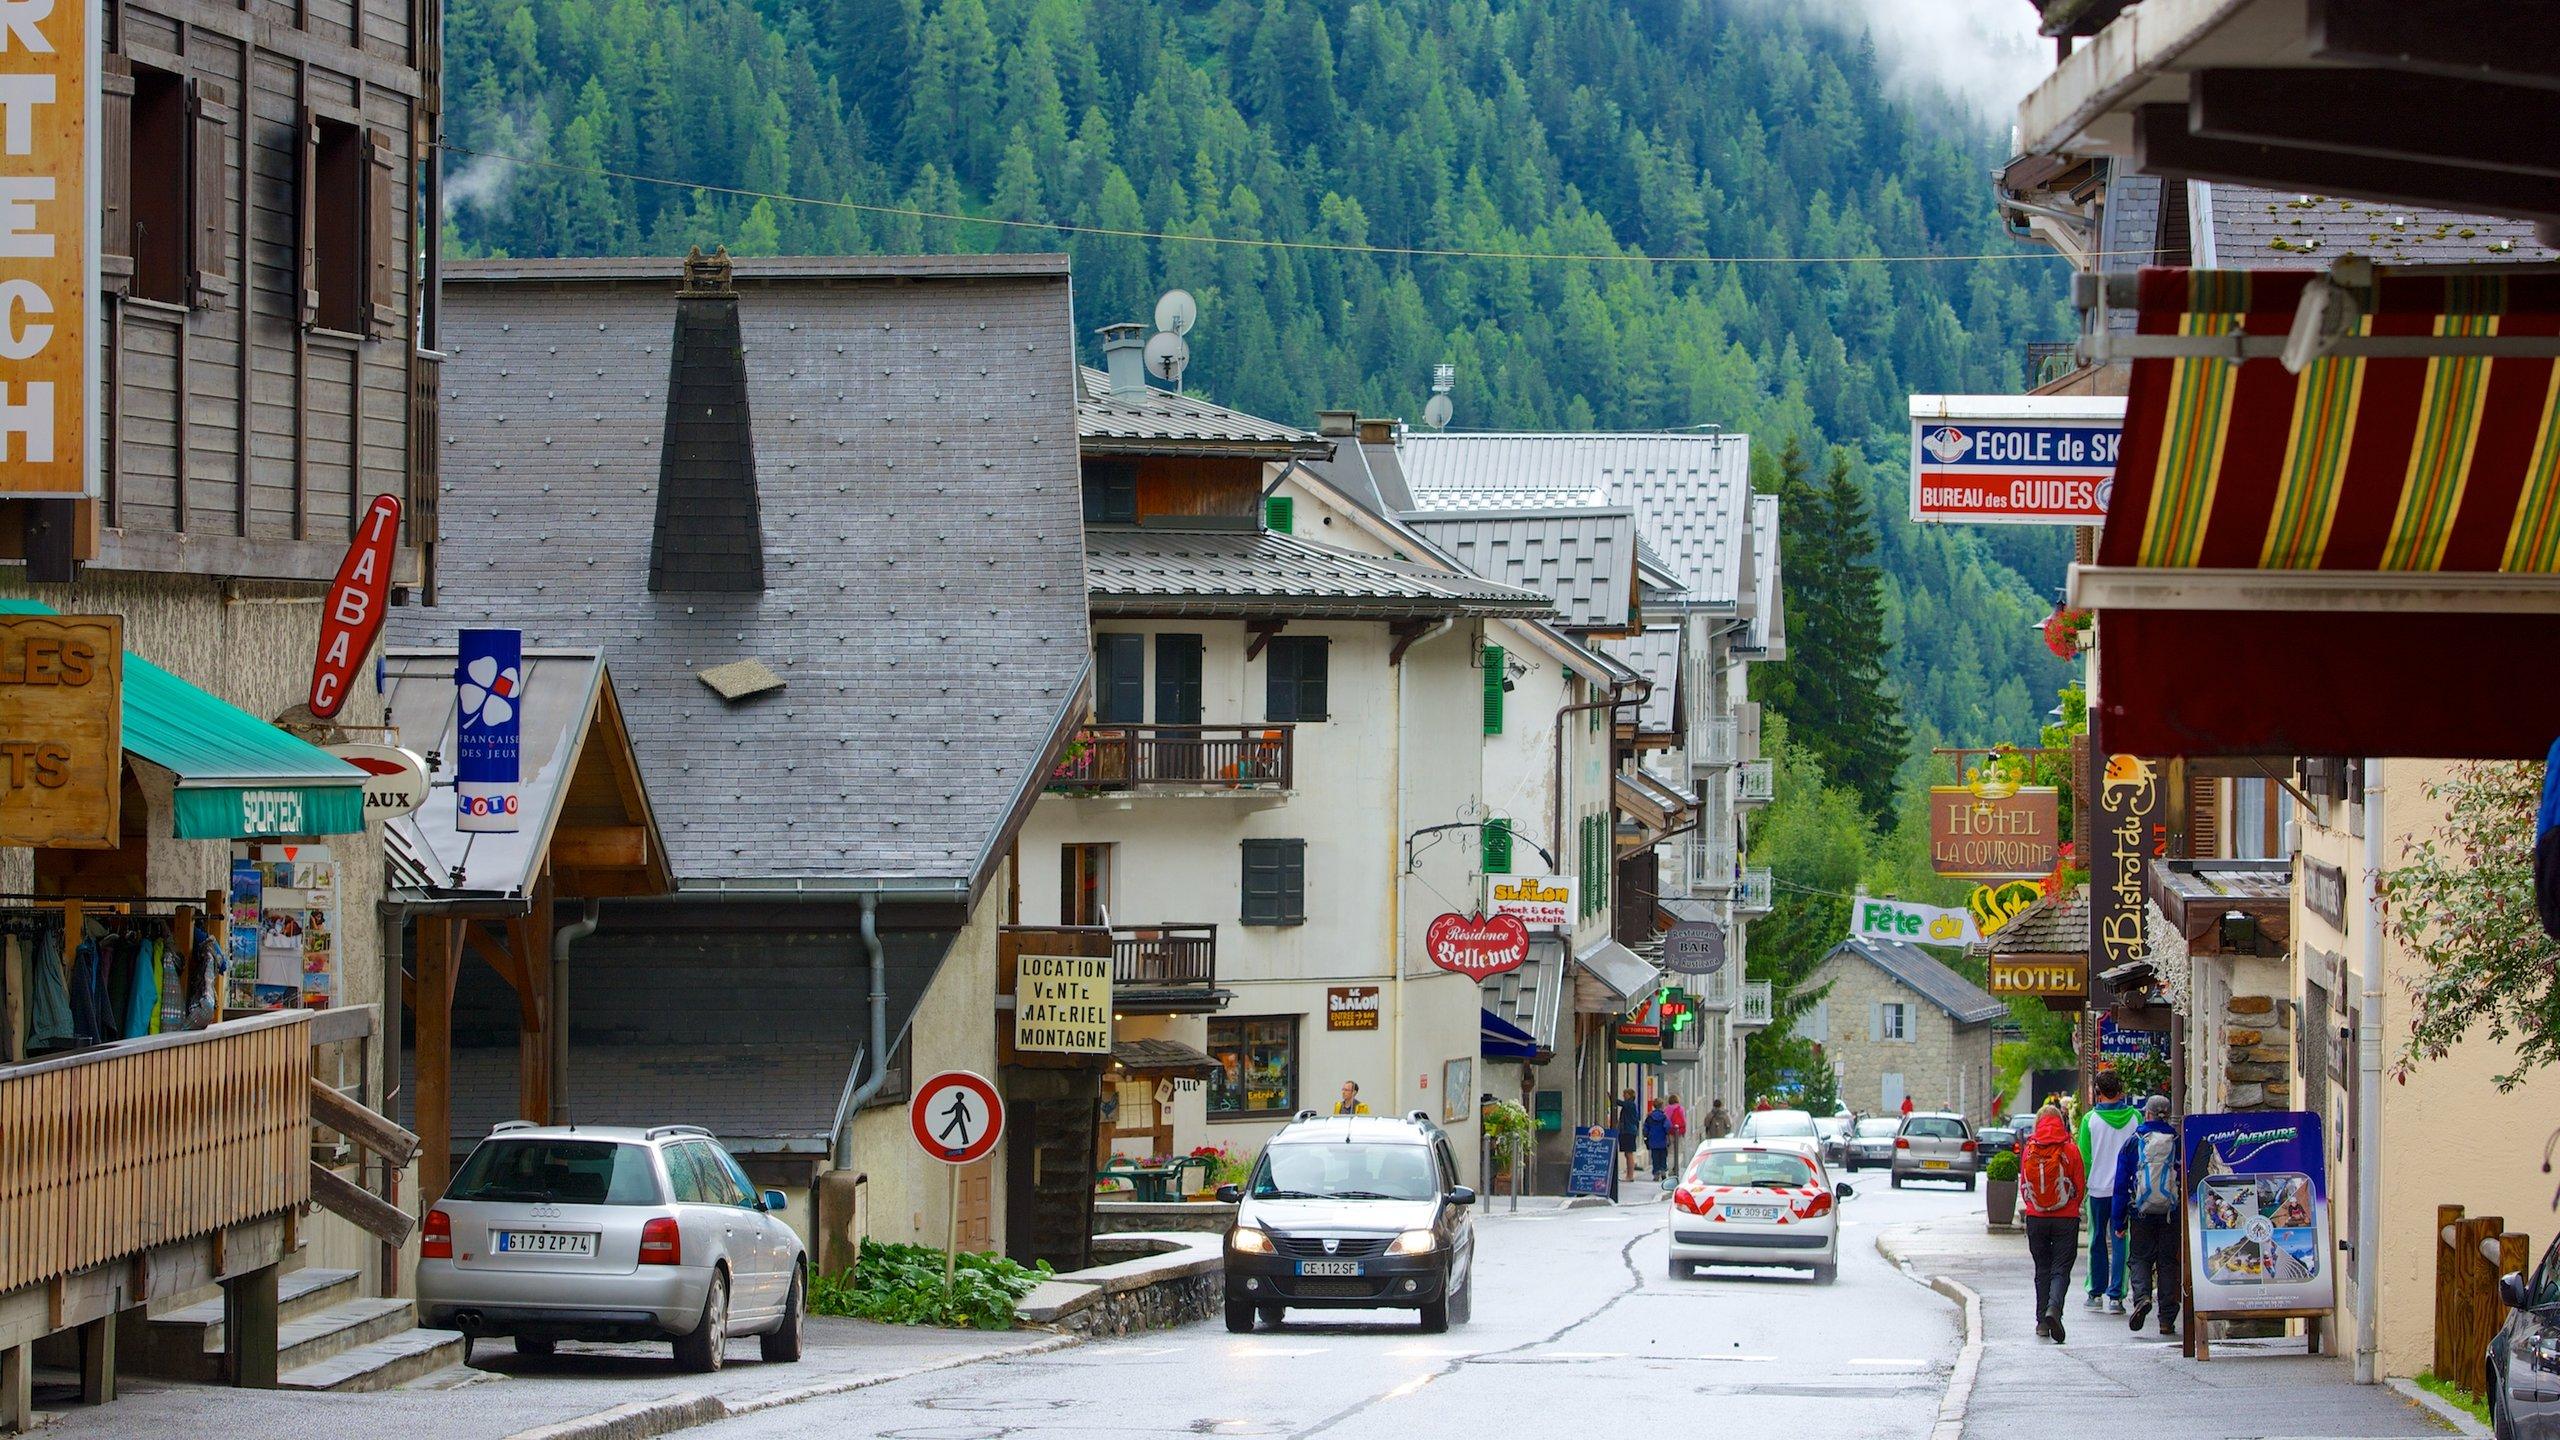 Argentière, Chamonix, Haute-Savoie (Département), Frankreich